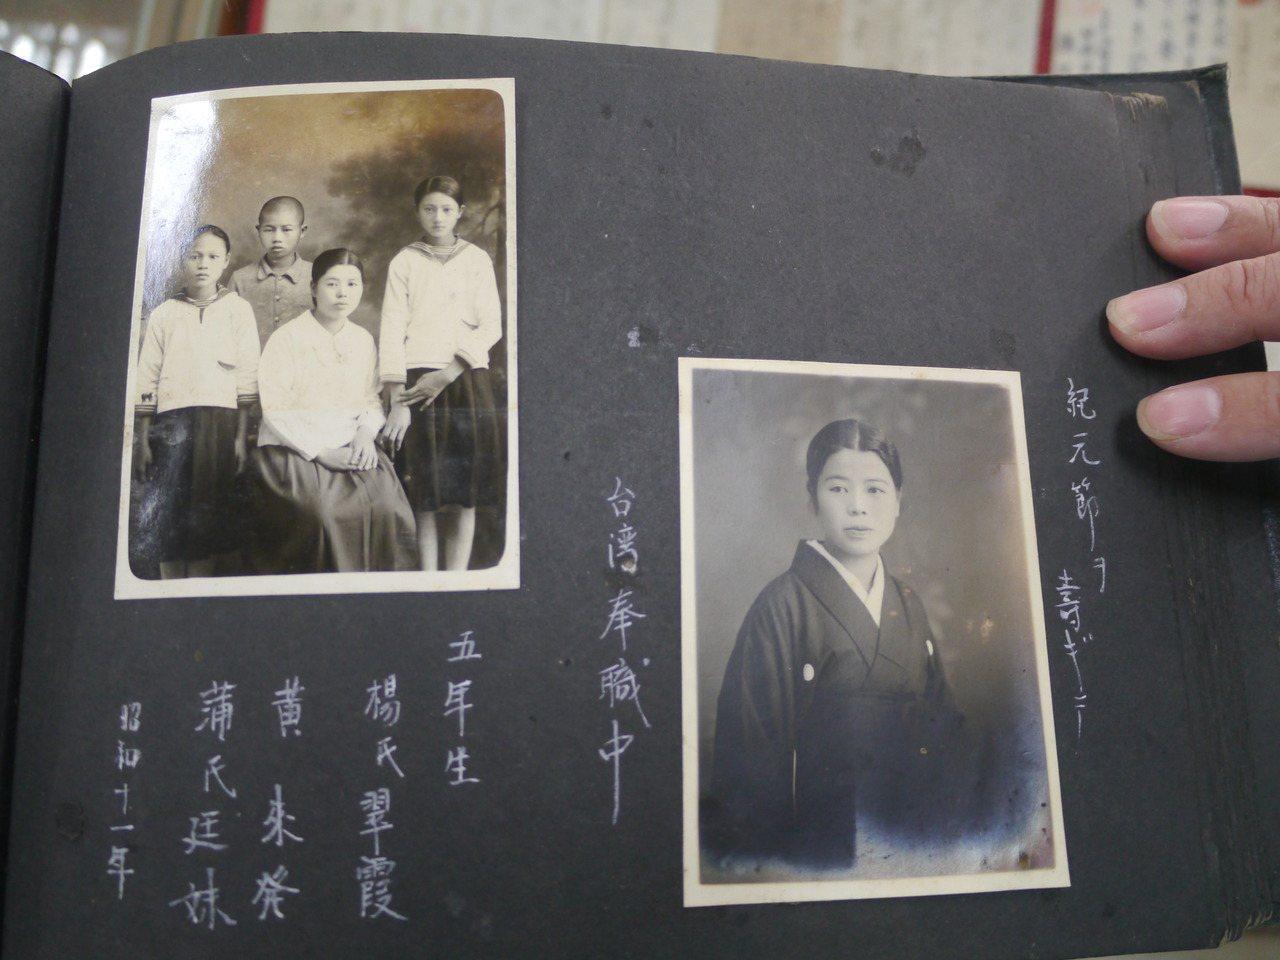 日籍老師小池芳子家人捐贈的相簿,內容有個人獨照,以及她與學生的合影照片。記者徐白...